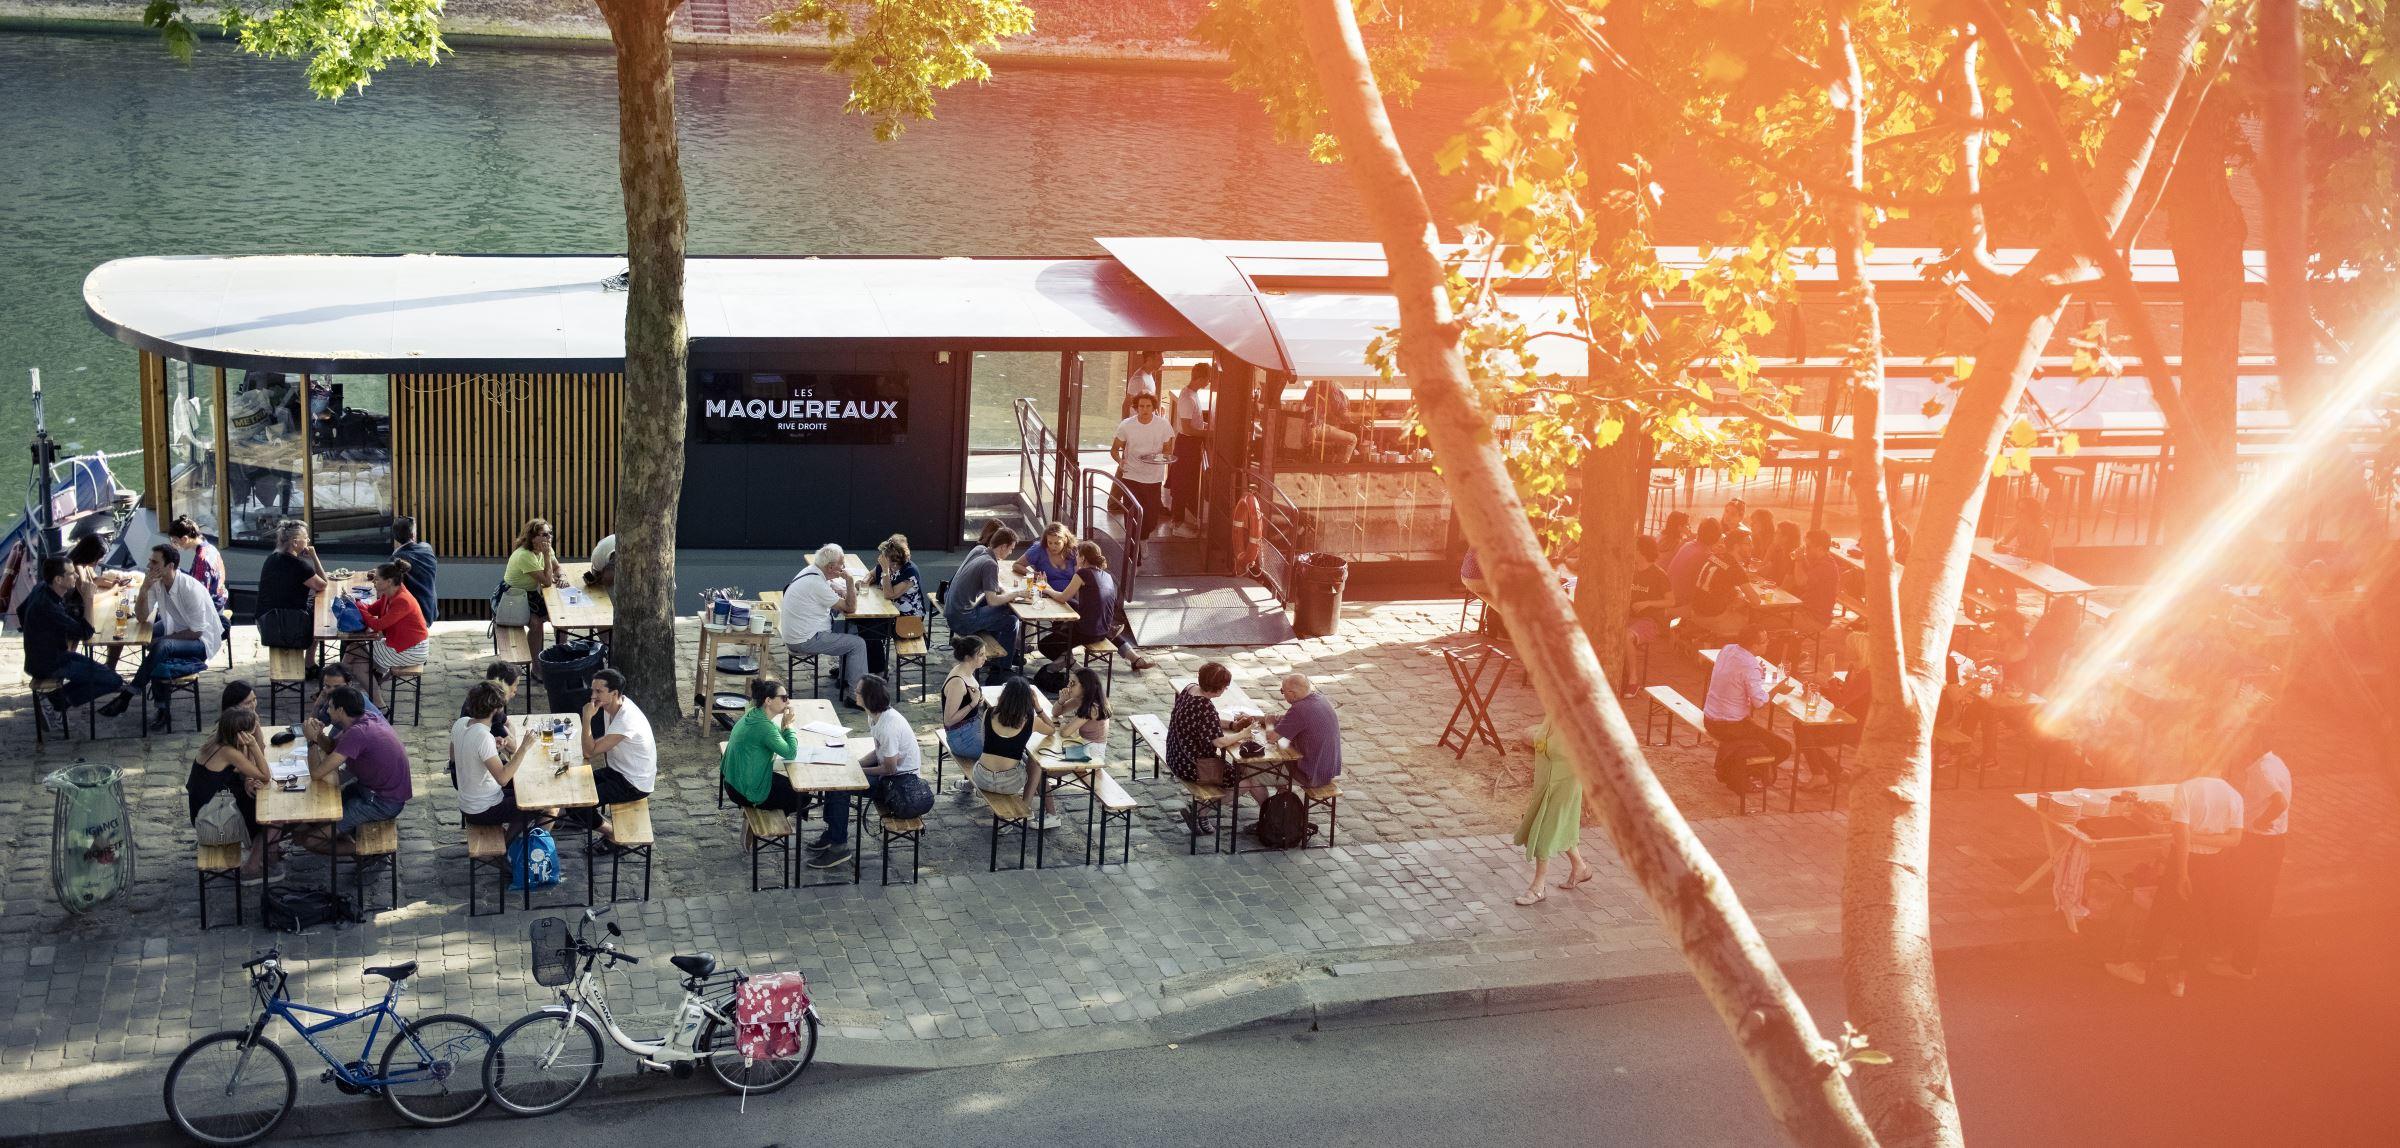 La terrasse du bar Les Maquereaux, au bord de la Seine, avec des personnes qui y boivent un verre.